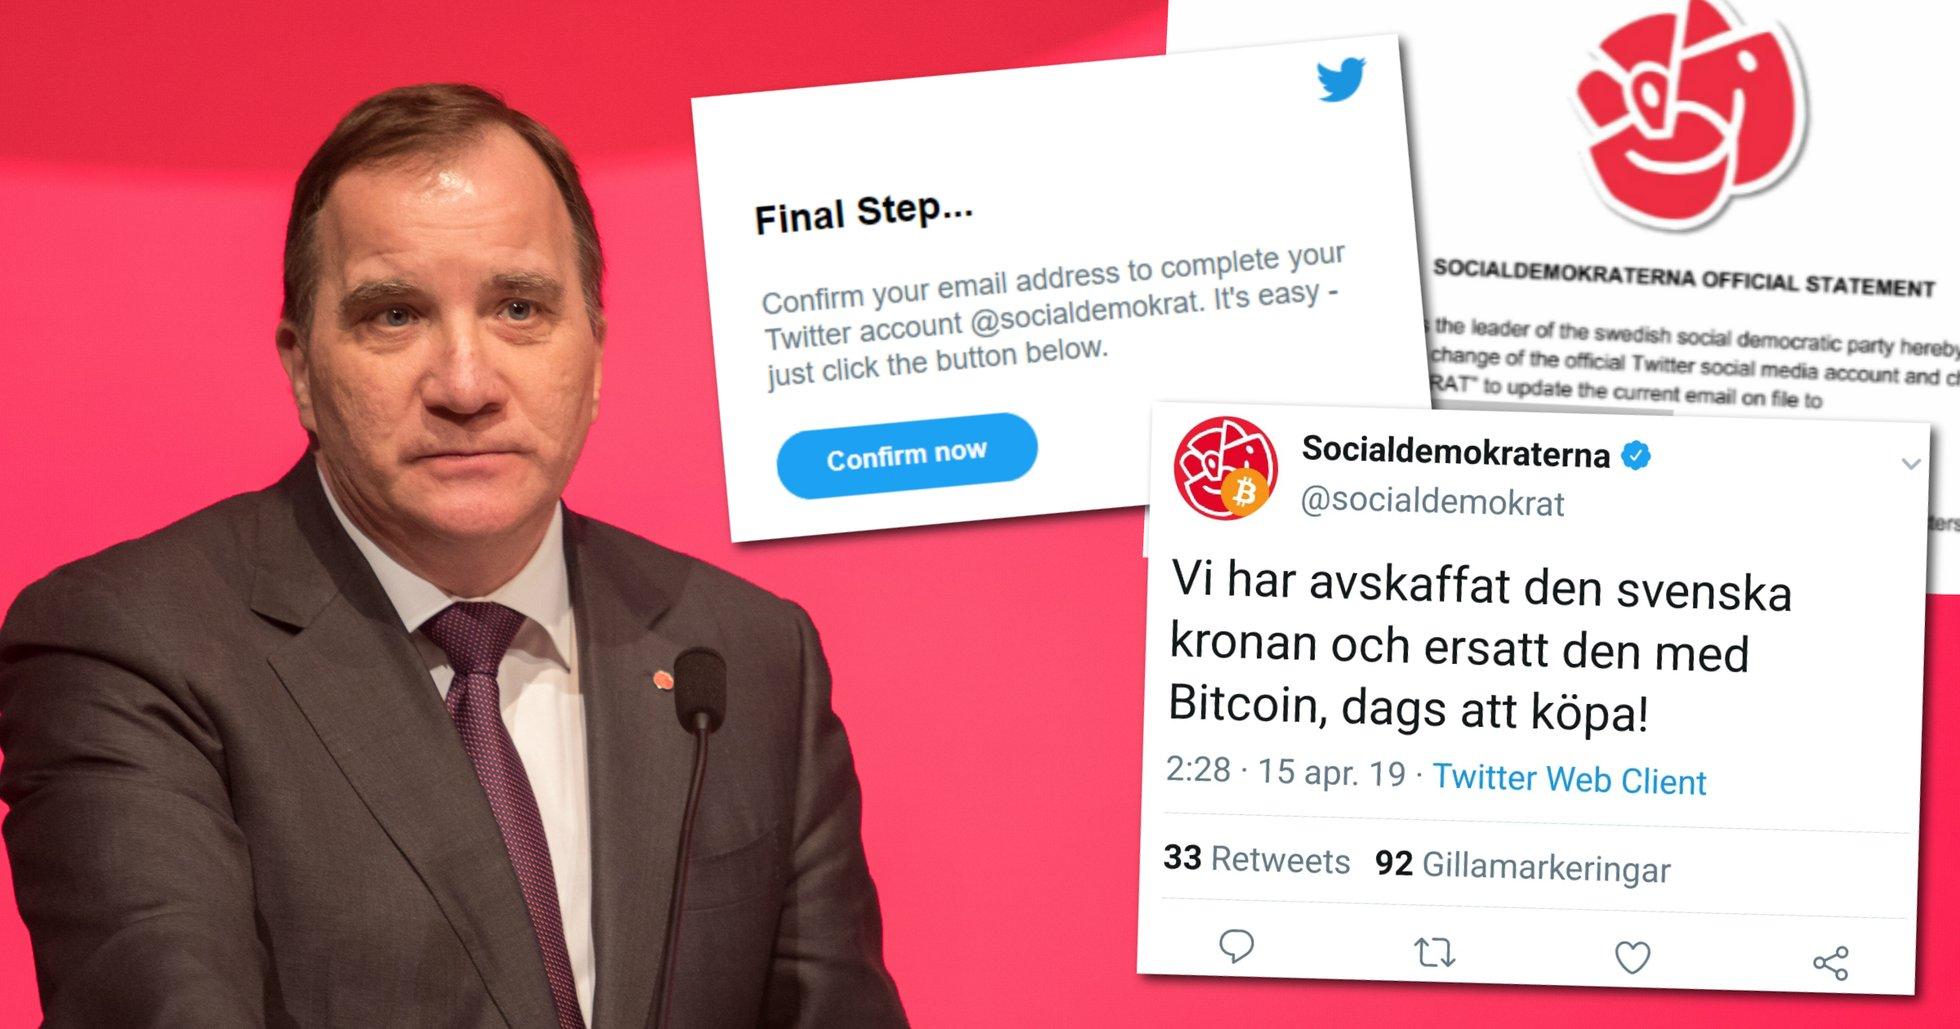 Socialdemokraternas twitterkonto blev hackat. Nu berättar hackarna hur de gjorde och vad syftet var.